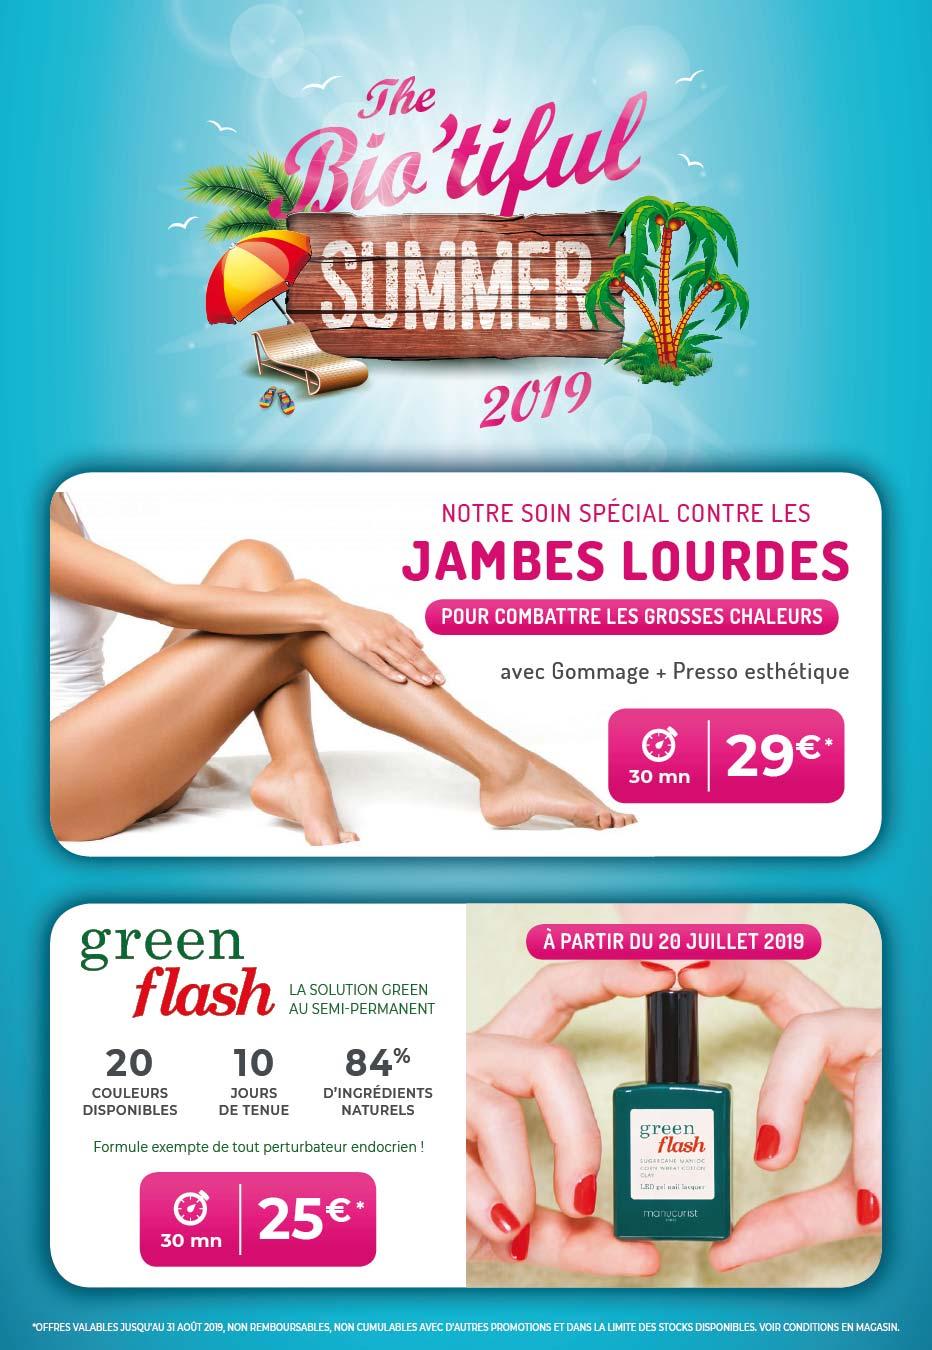 offre promo institut beaute auch biotiful 2019-07